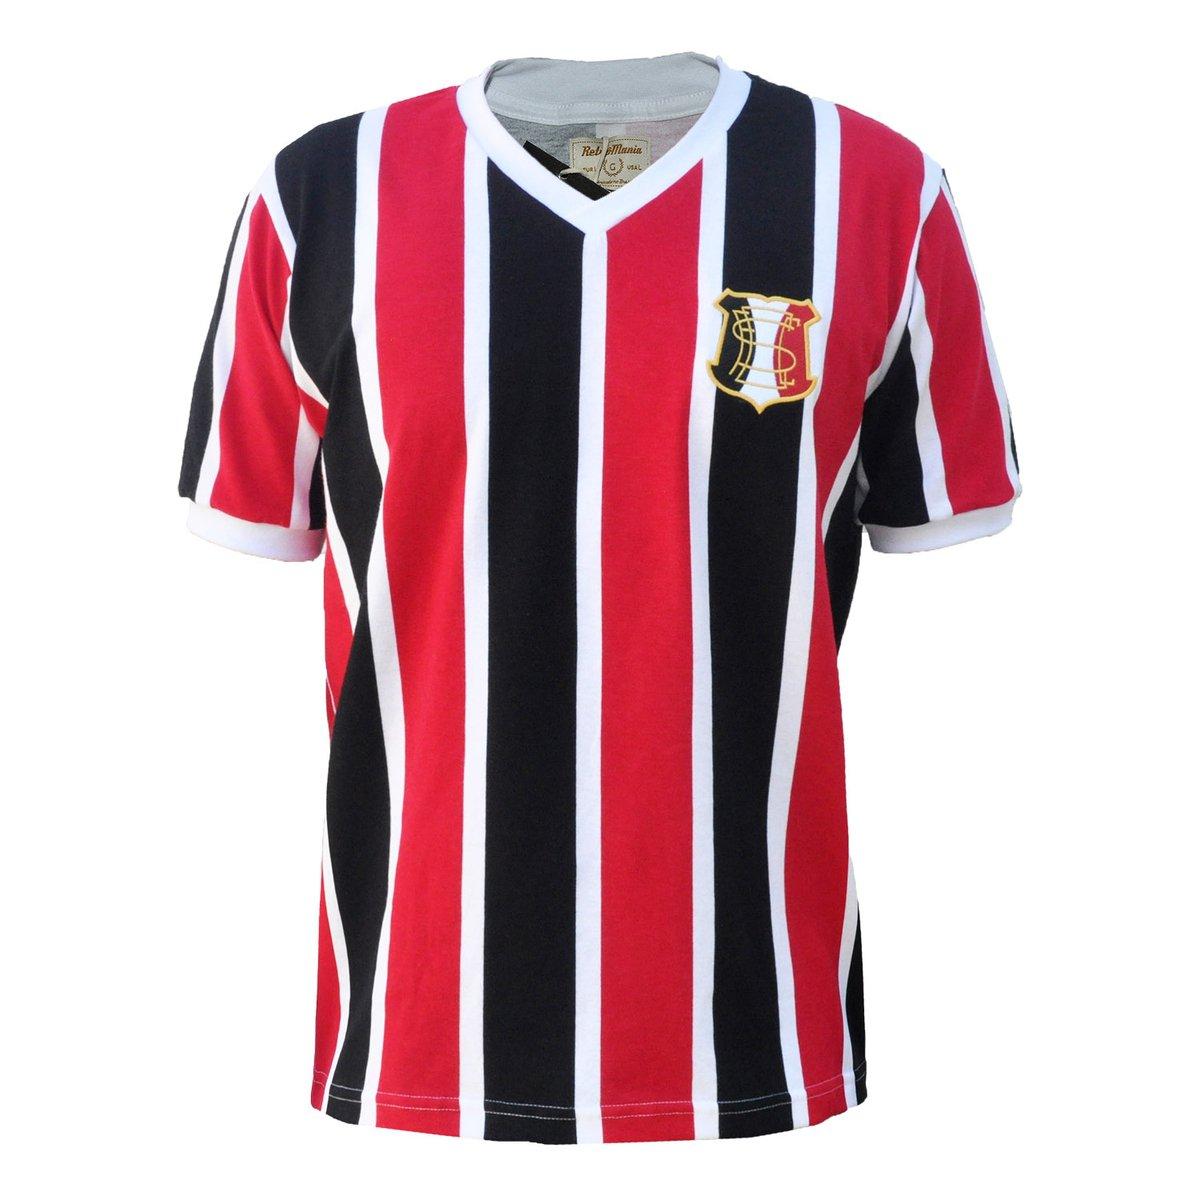 Camisa Retrô Mania Santa Cruz PE 1983 - Compre Agora  4048a3cb5e5db